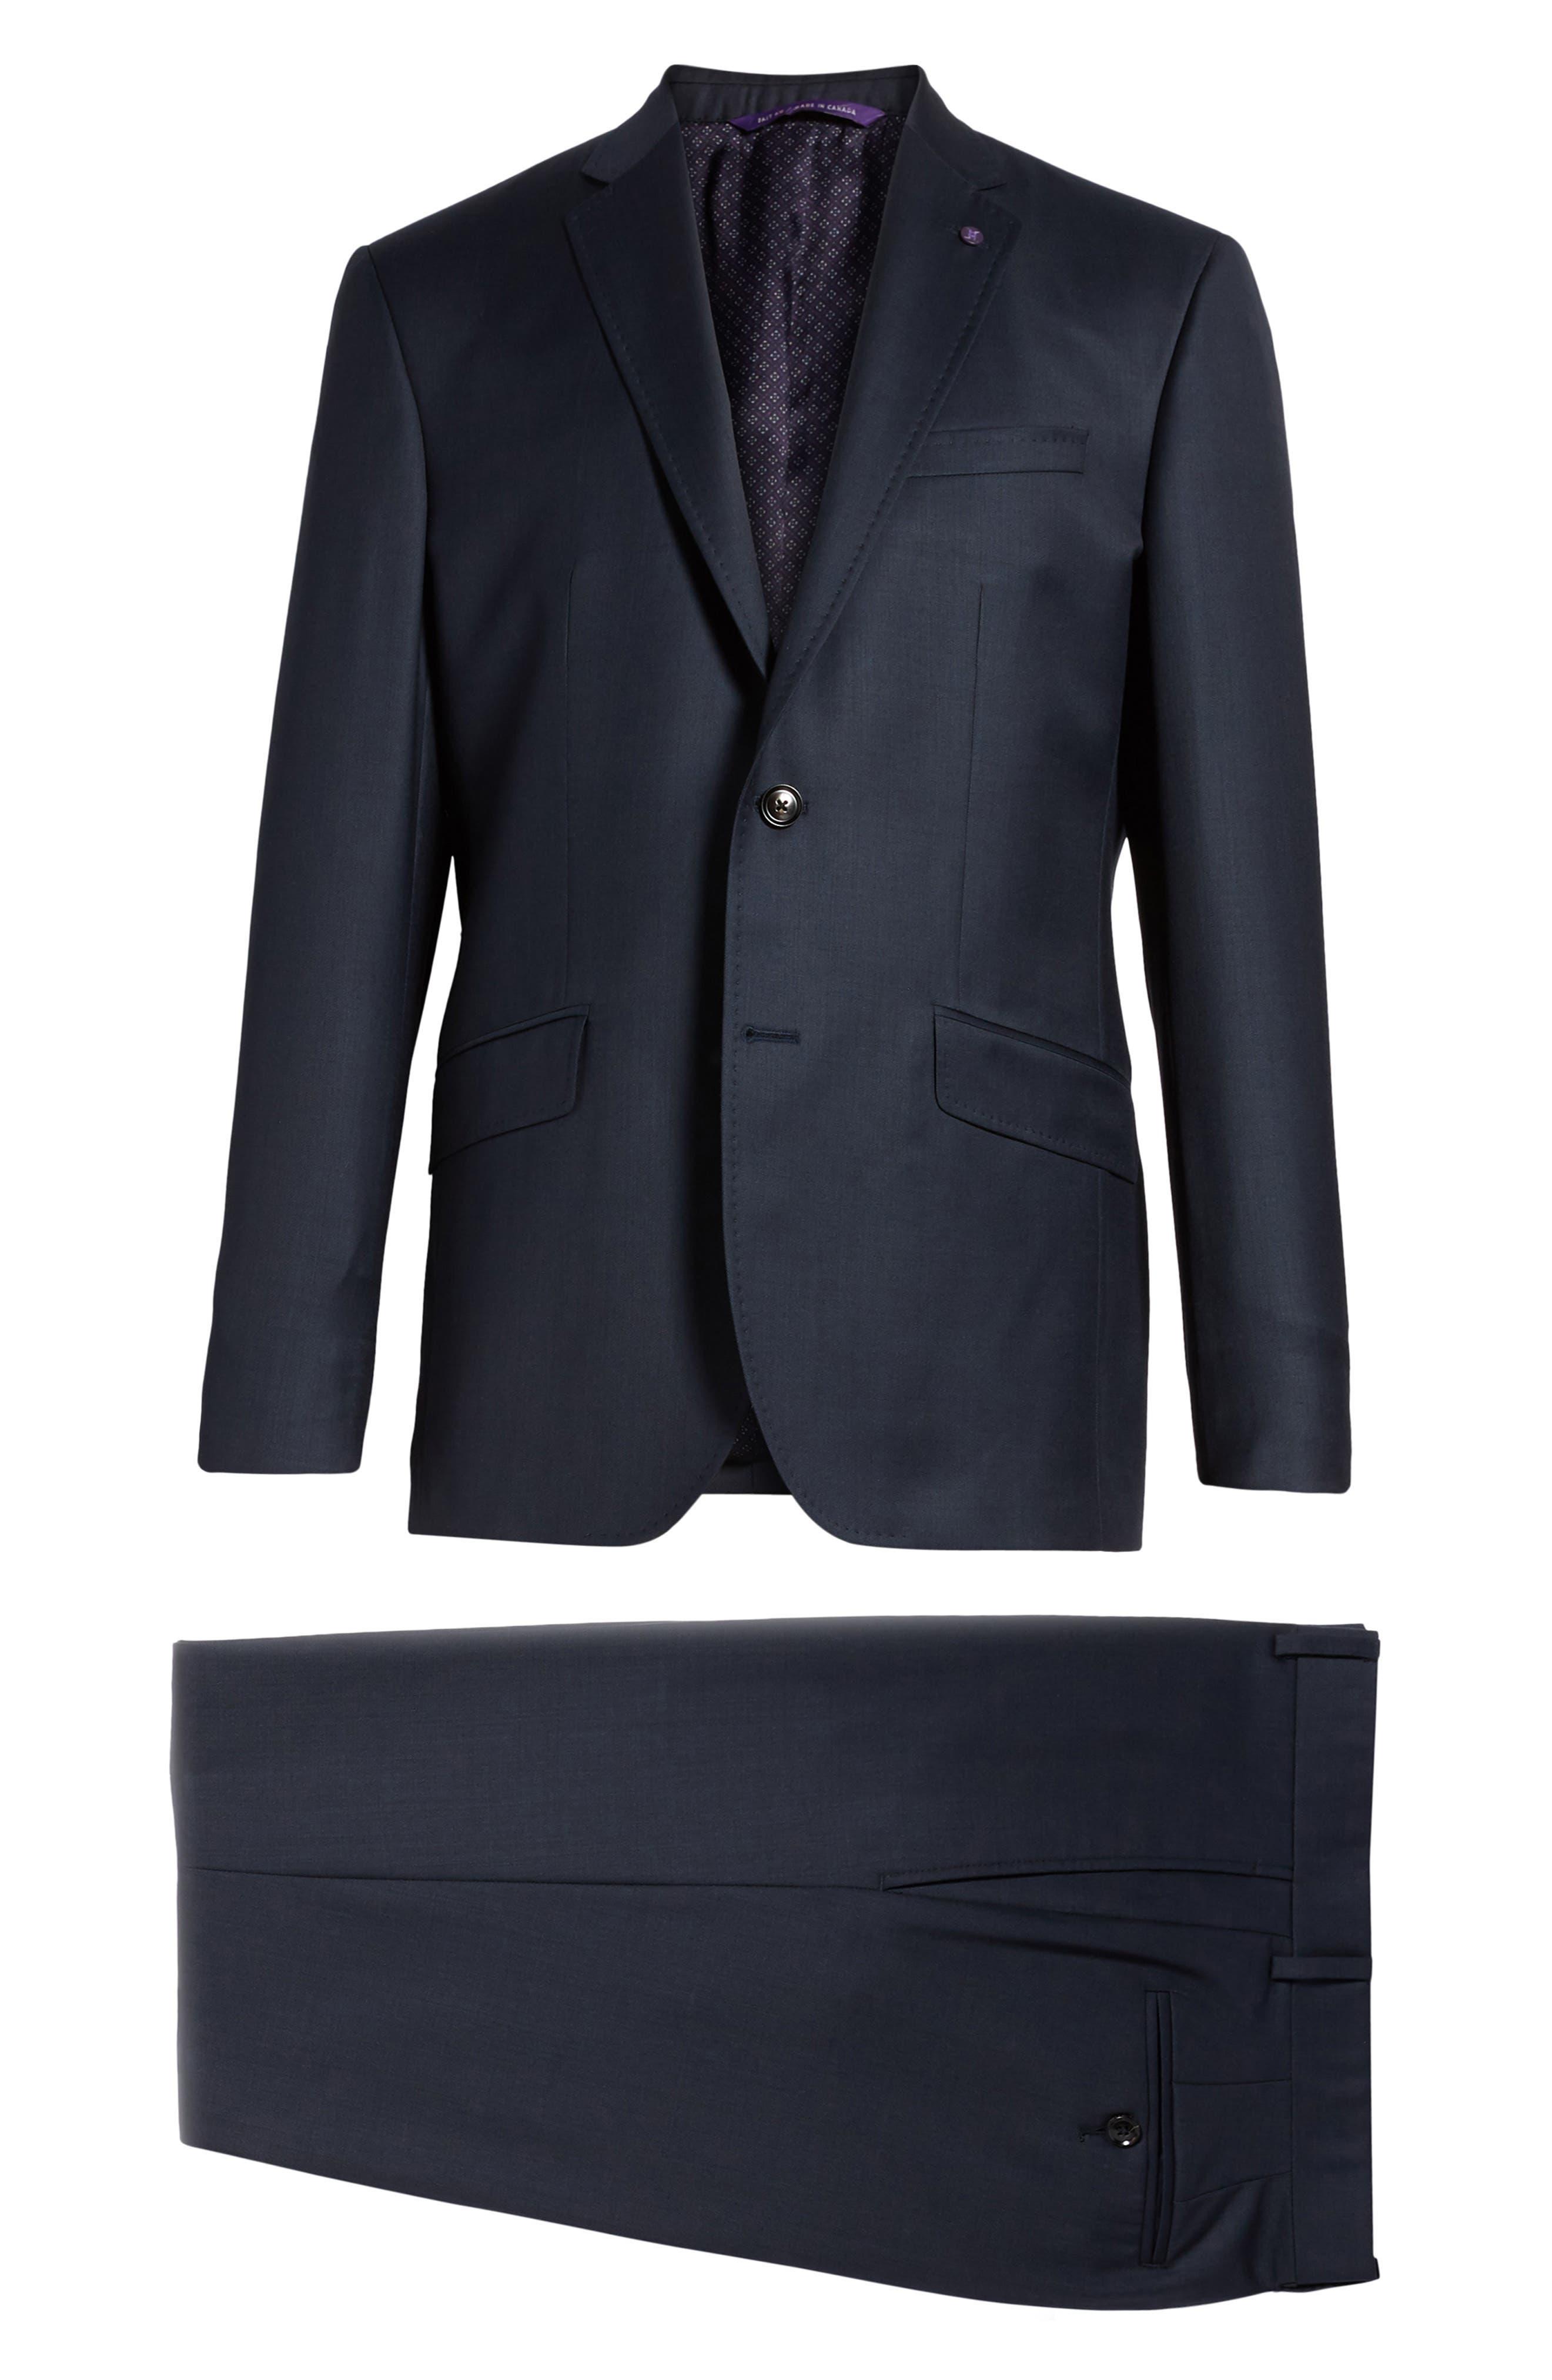 Jones Trim Fit Solid Wool Suit,                             Alternate thumbnail 8, color,                             Blue